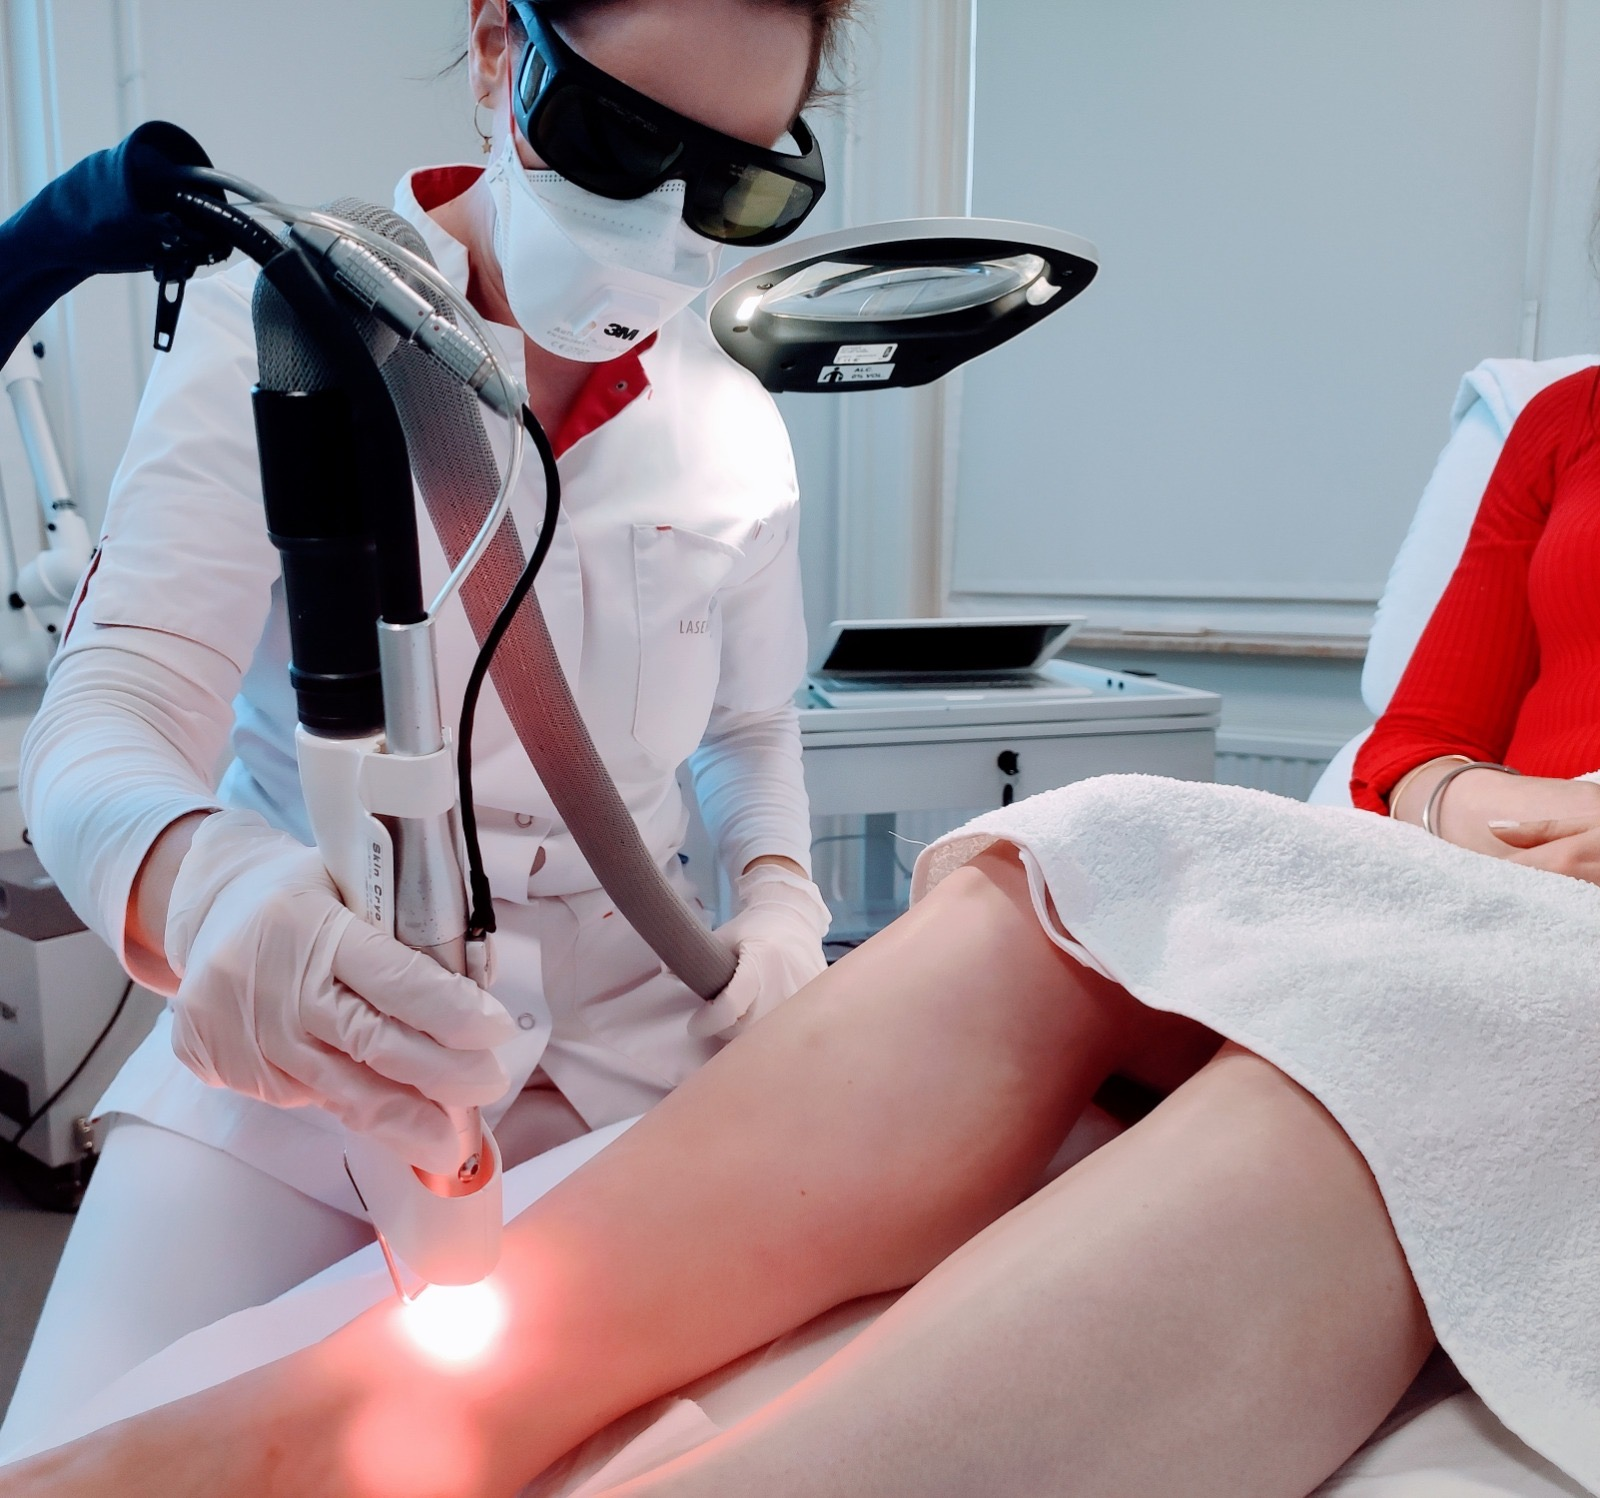 Iedereen met een hulpvraag kan binnenstappen bij Laserkliniek Zwolle. De specialisten van de kliniek aan de rand van de Zwolse binnenstad kijken per situatie welke behandeling geschikt is